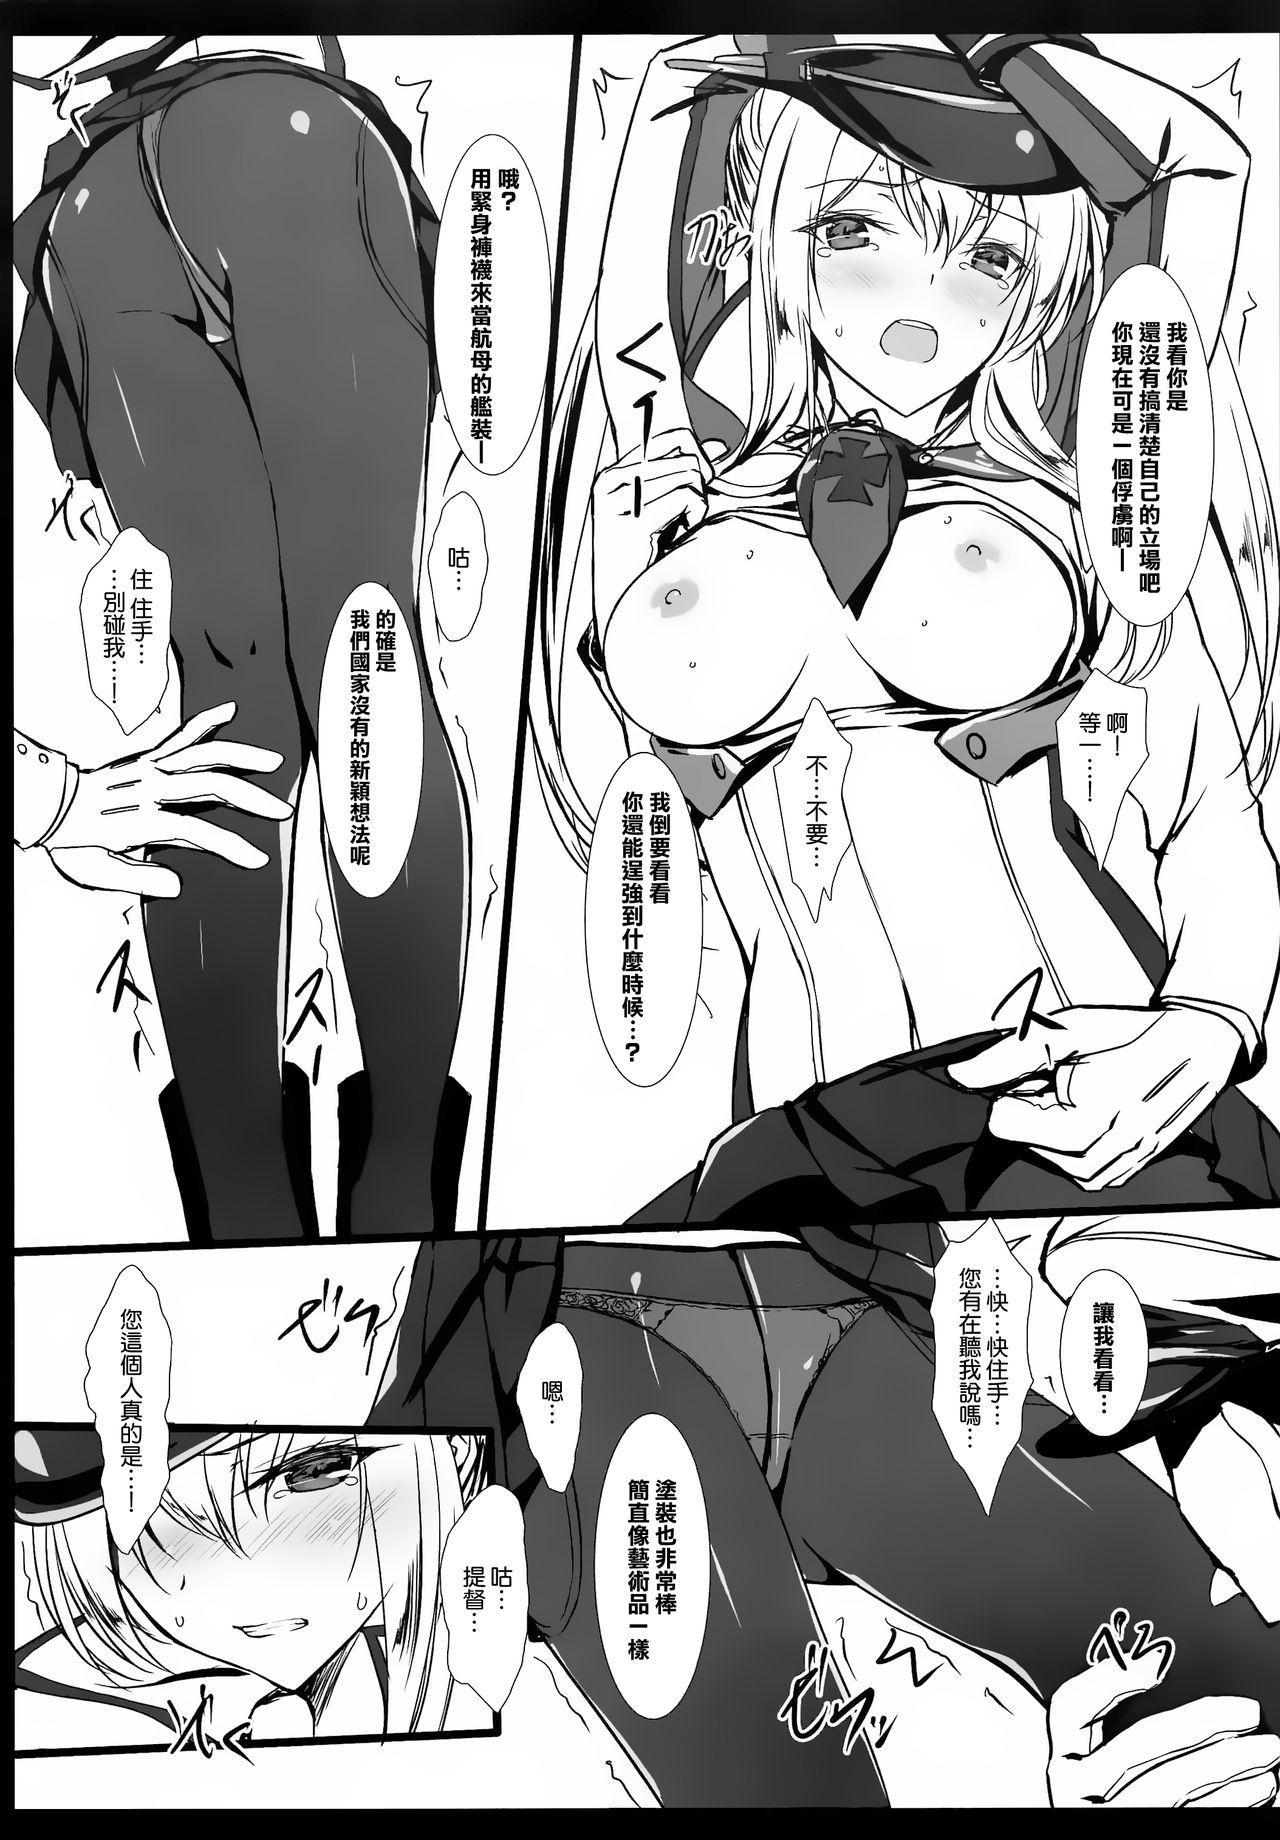 Miseikan demo Enshuu ga Shitai! 6